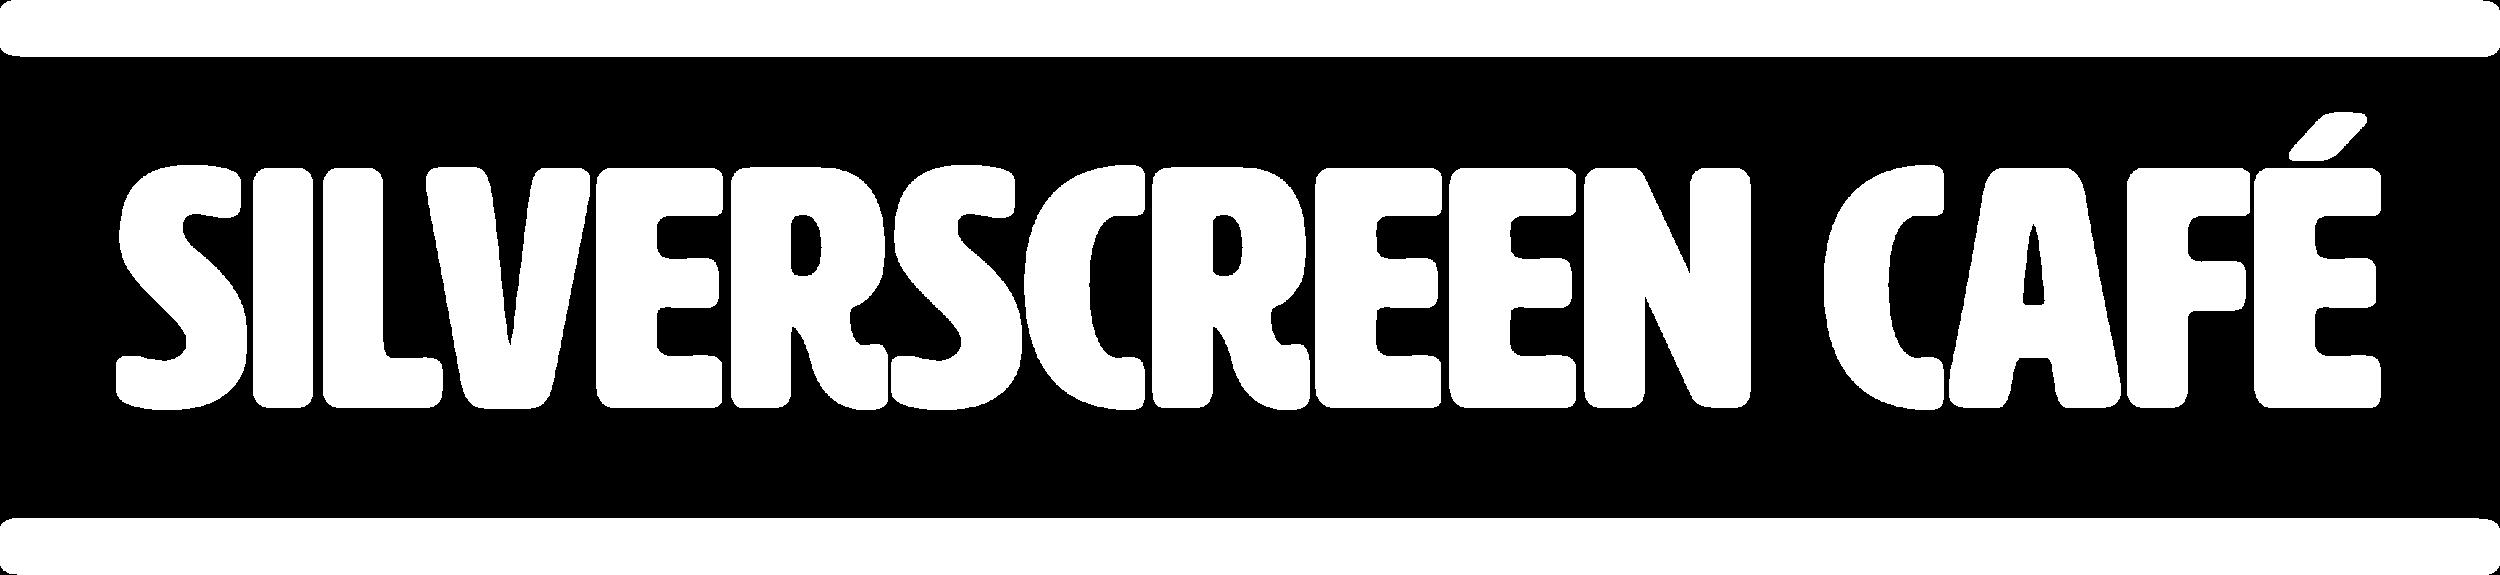 Silverscreen Cafe Logo White.png